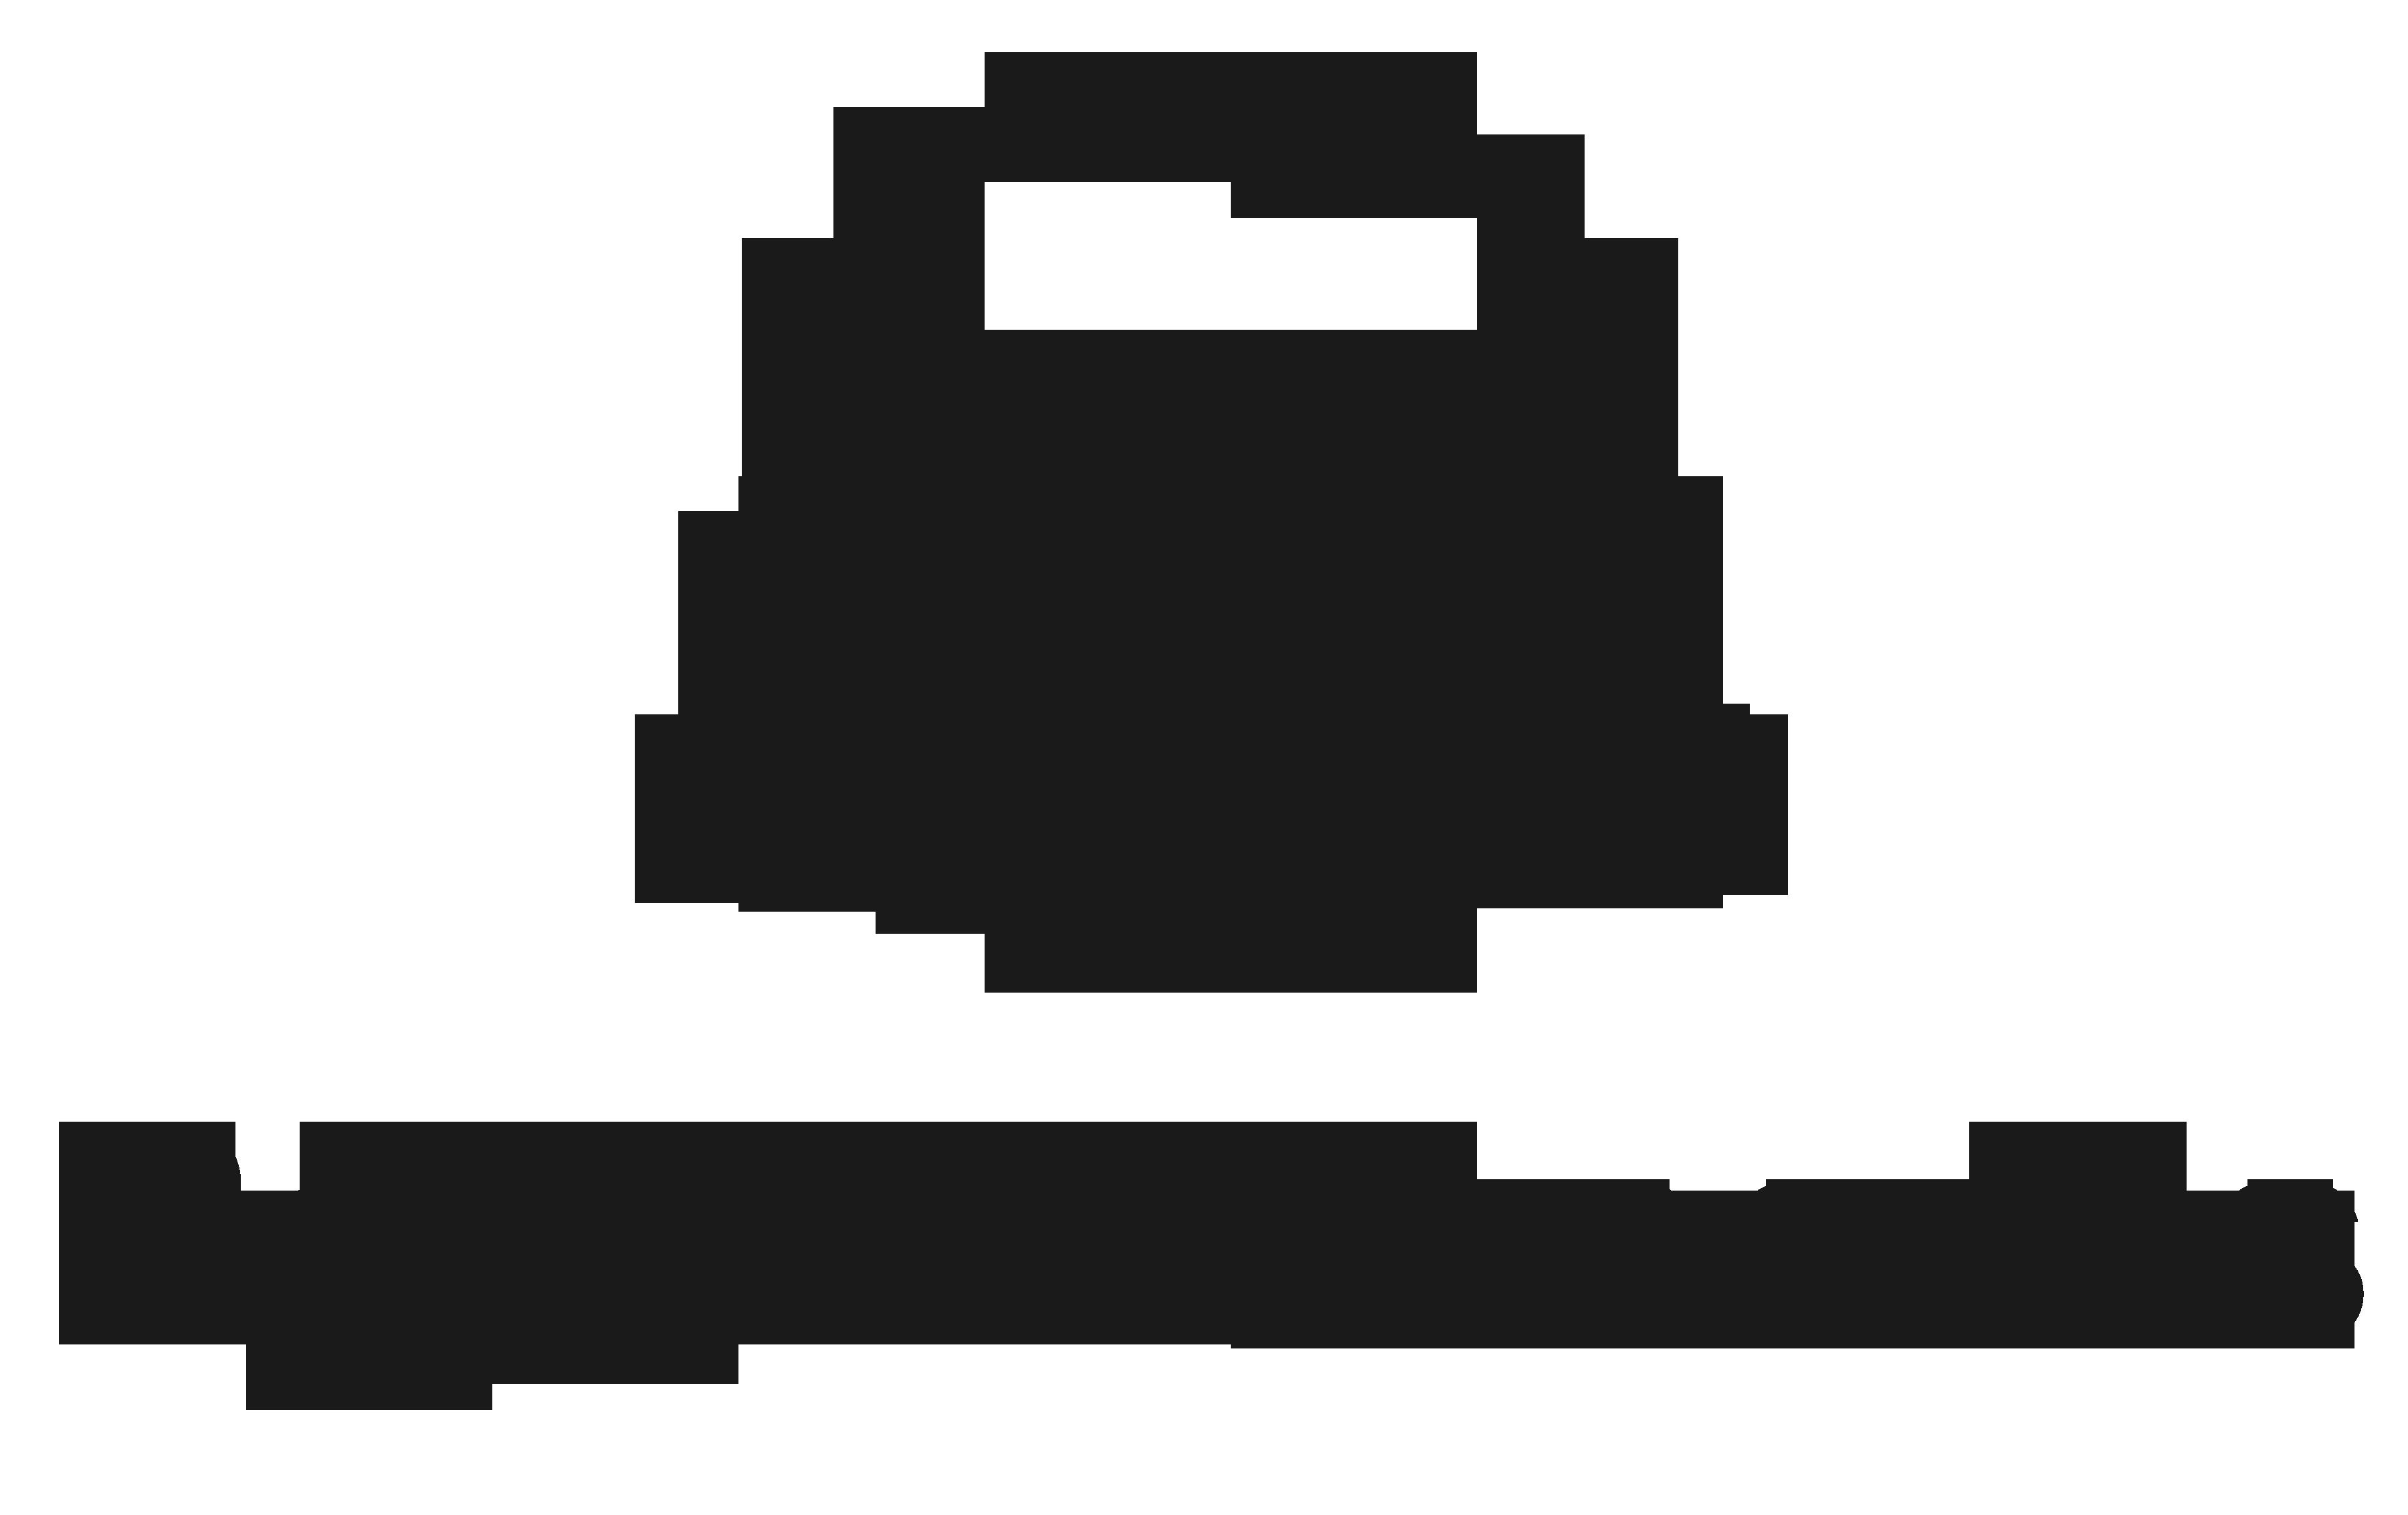 RajanixRecords